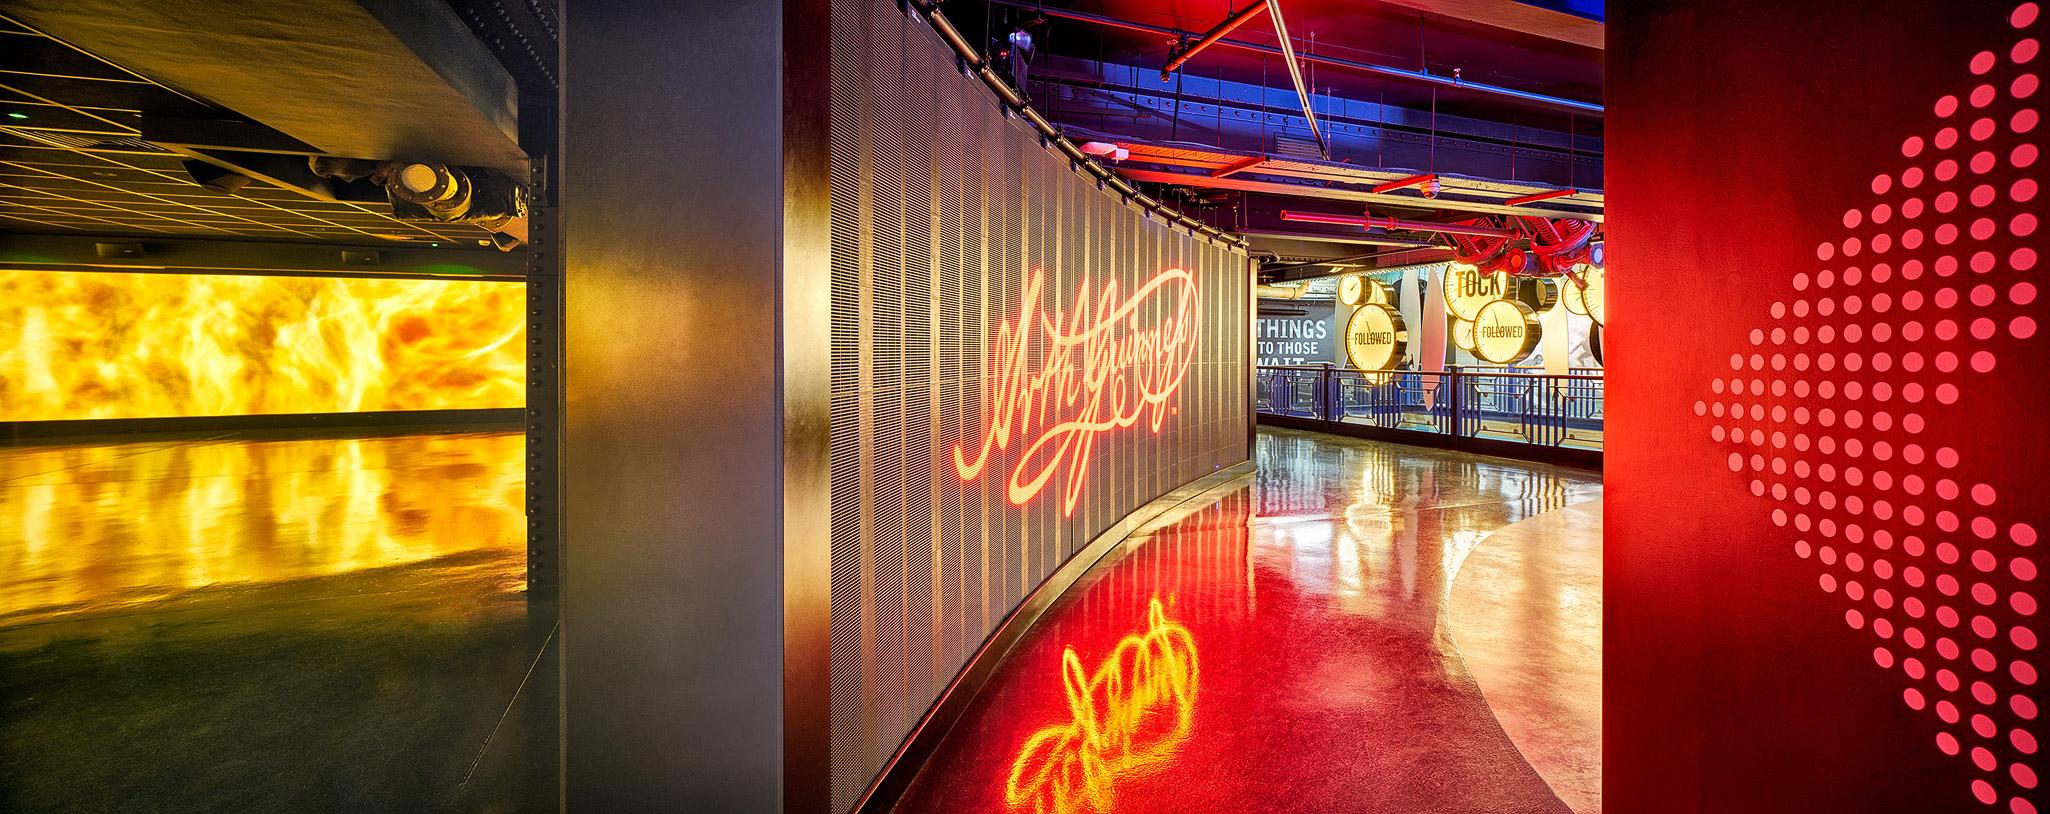 Advertising Floor LED Wall, Guinness Storehouse